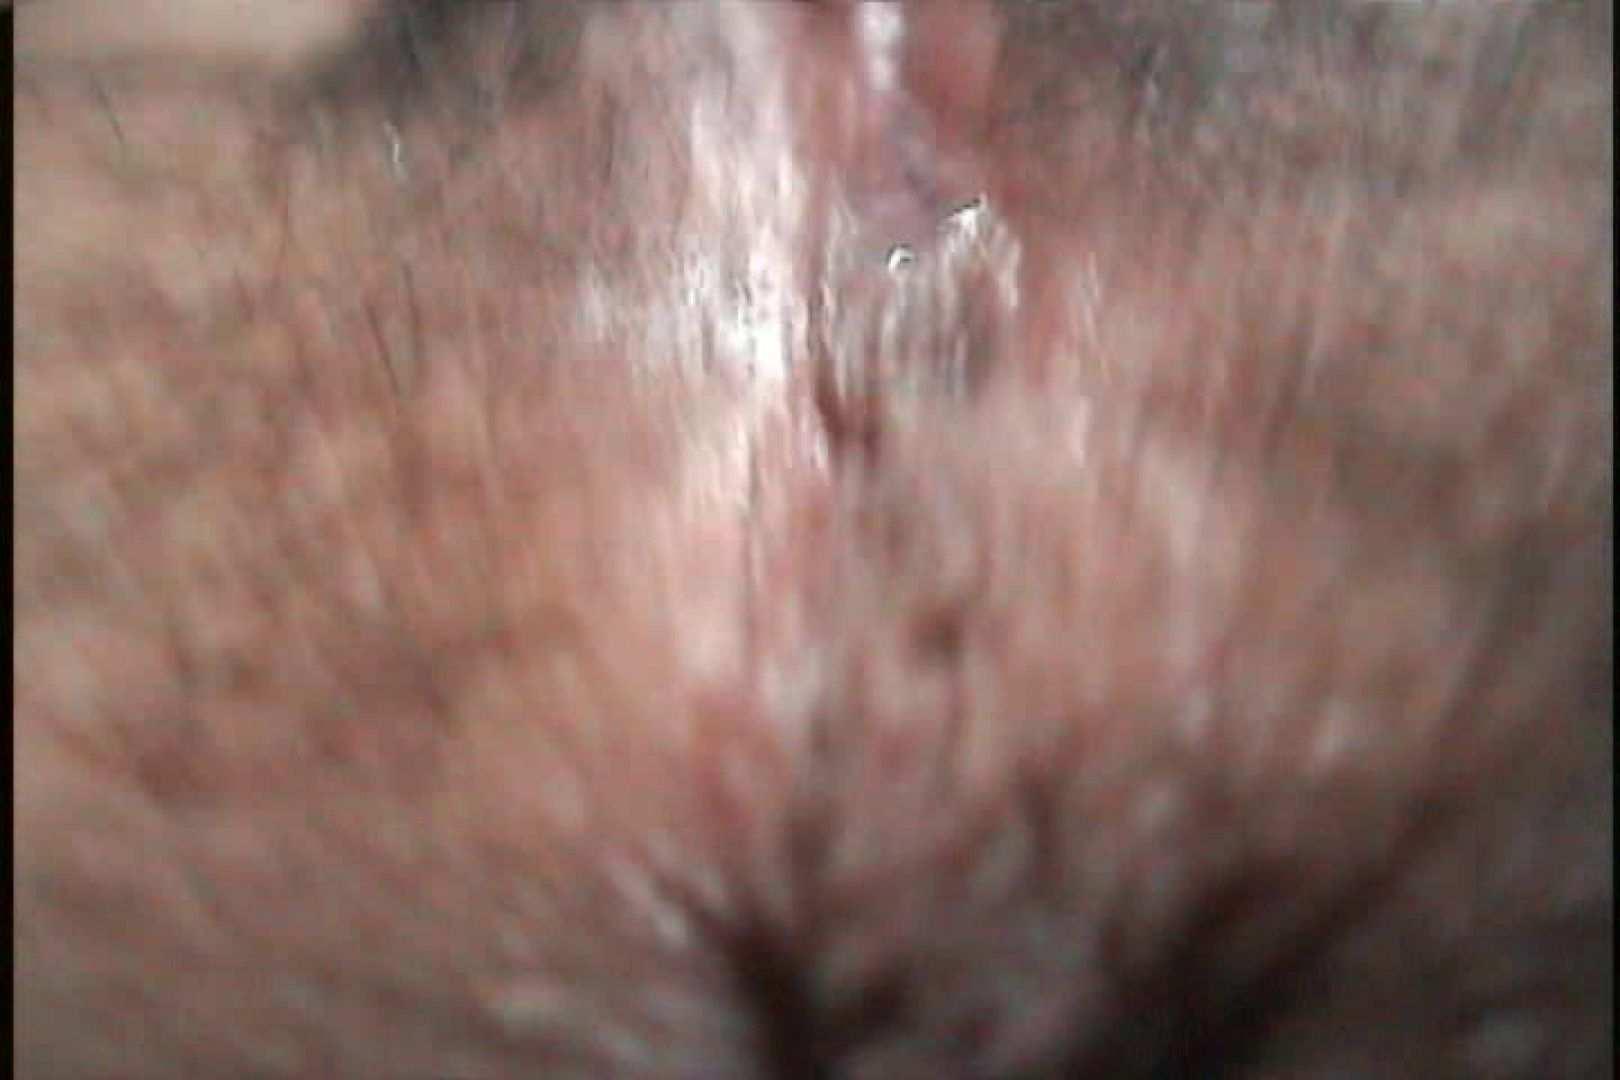 歯科衛生士バージンアラサー30歳まきVol.6 エロティックなOL | エッチなセックス  91画像 58